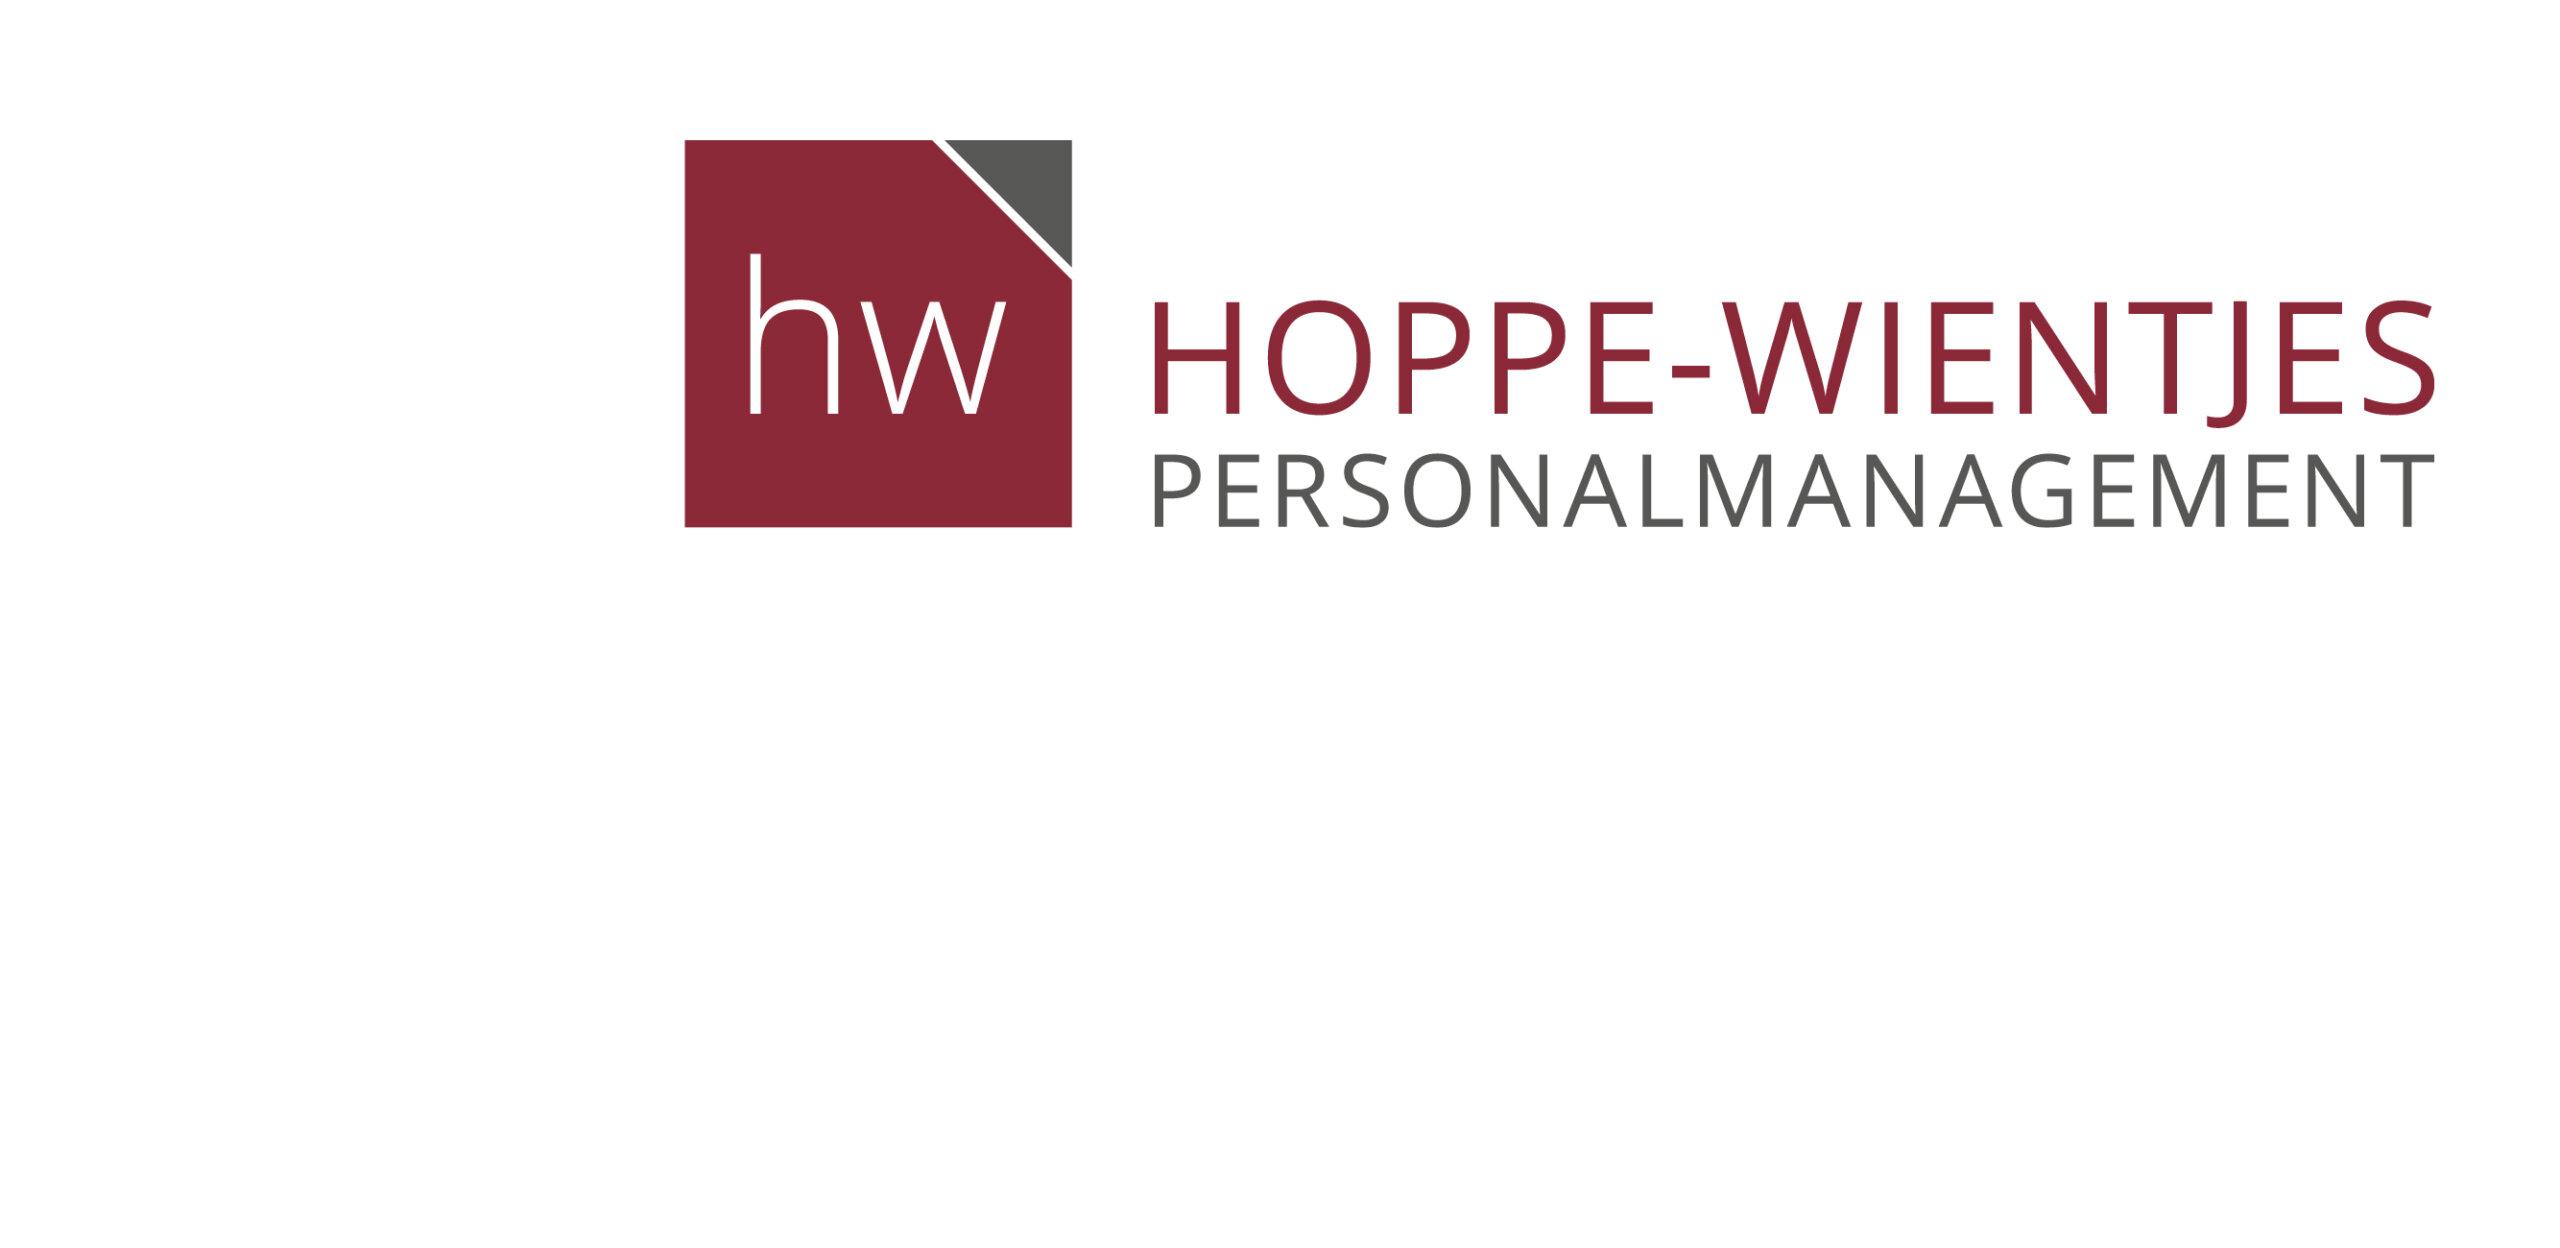 https://www.hw-personalmanagement.de/